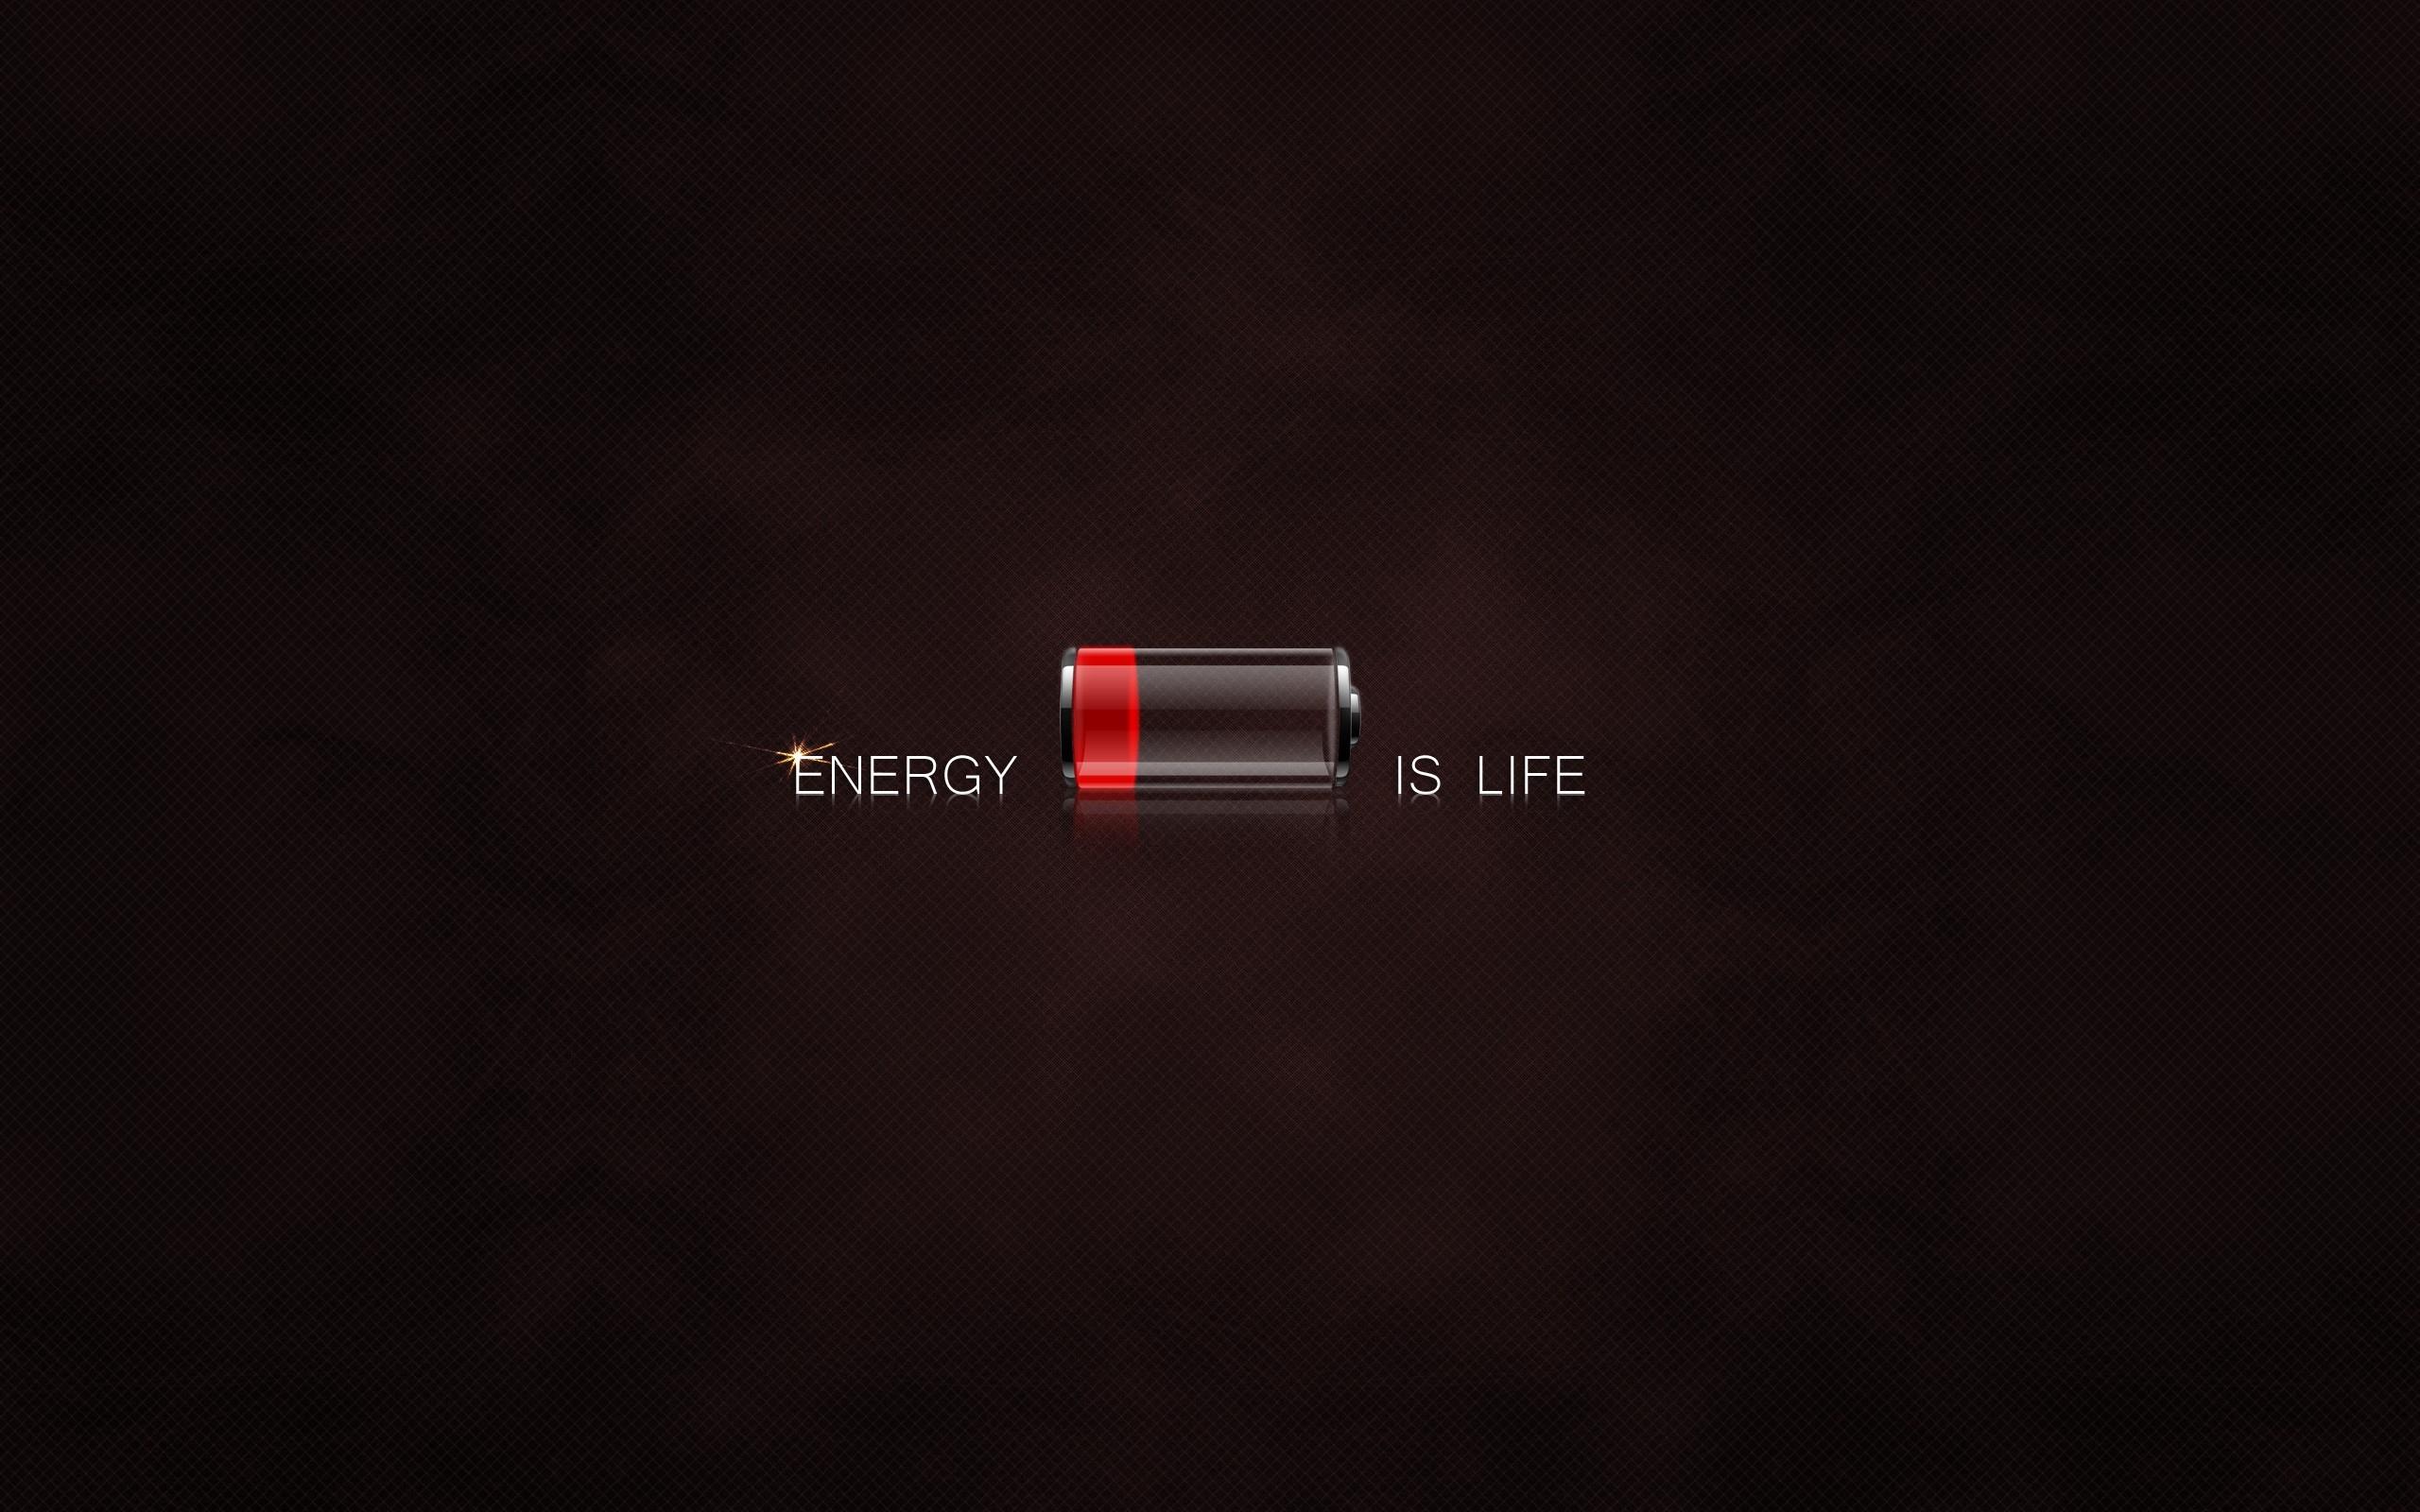 Fond D Ecran Noir Citation Minimalisme Rouge Logo Cercle La Vie Batterie Faible Forme Obscurite Capture D Ecran Papier Peint De L Ordinateur 2560x1600 Mbourrig 223418 Fond D Ecran Wallhere